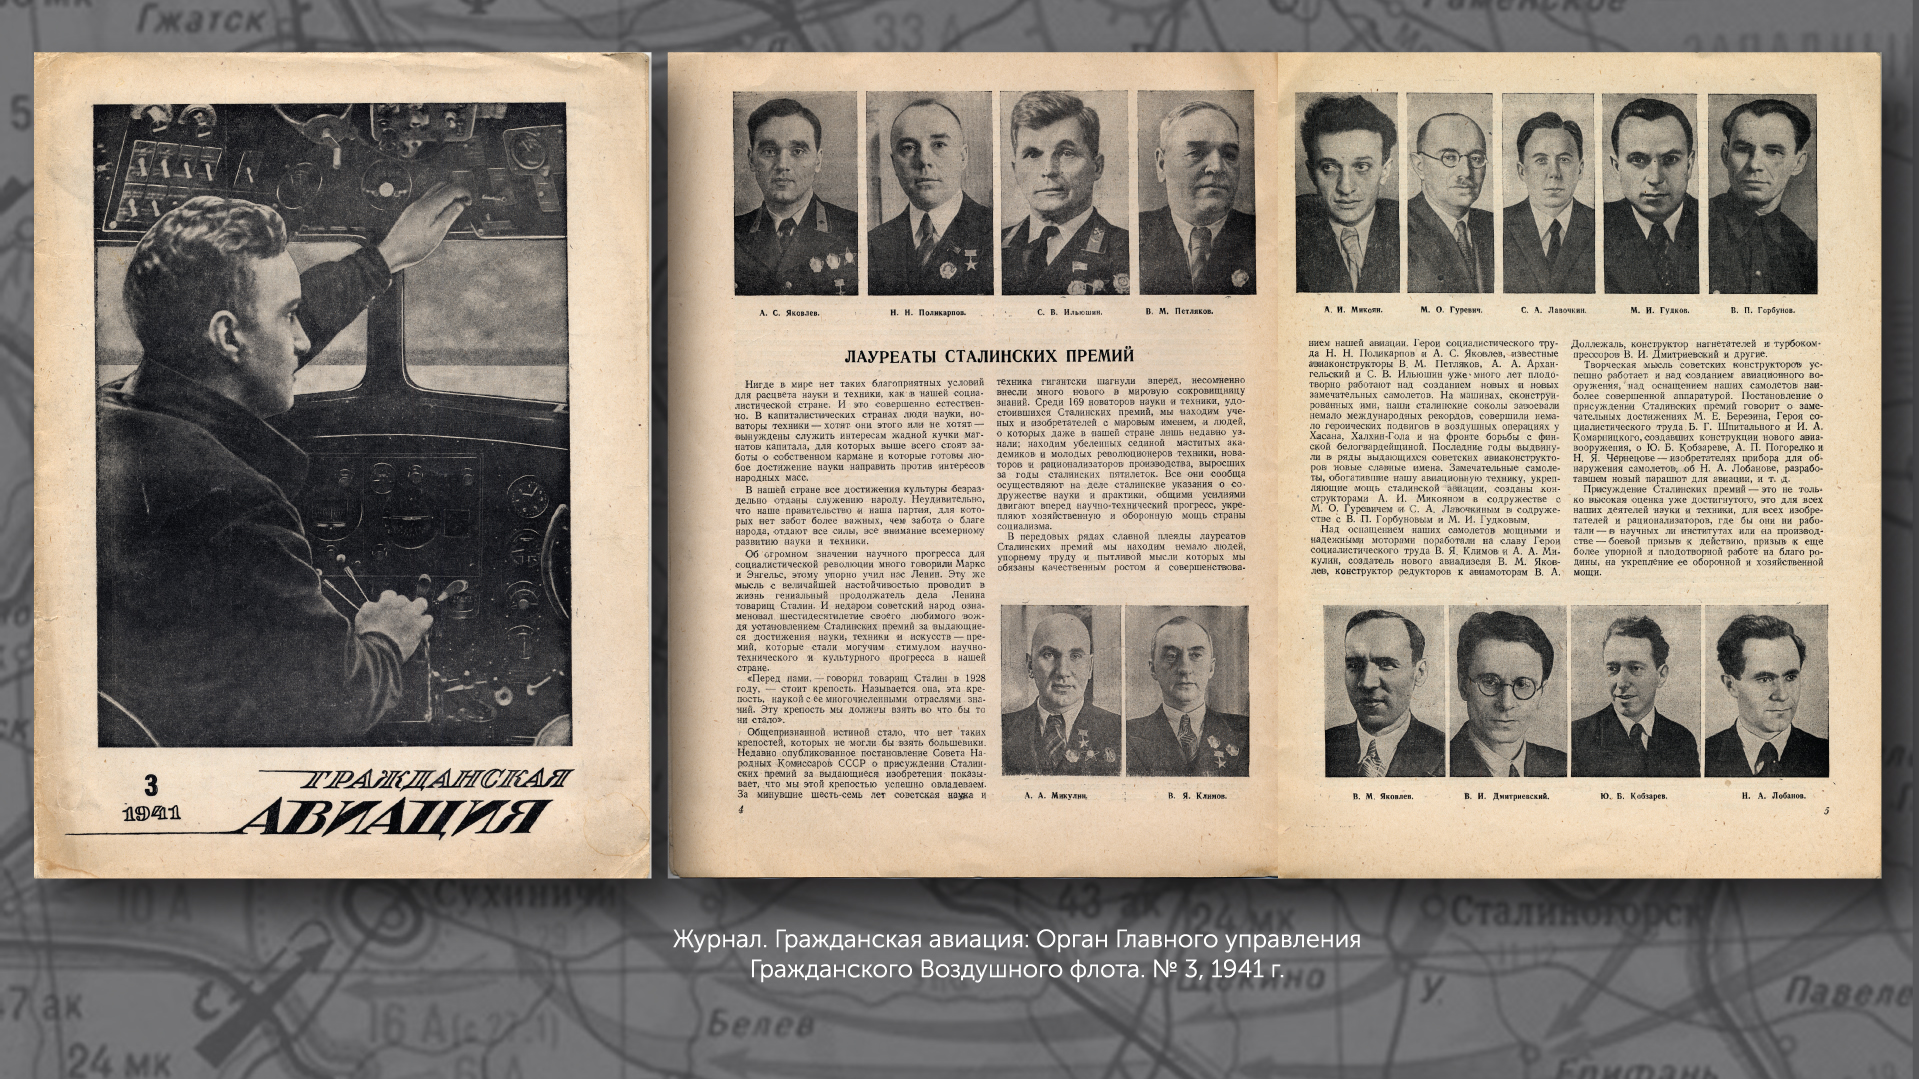 Журналы авиационной тематики